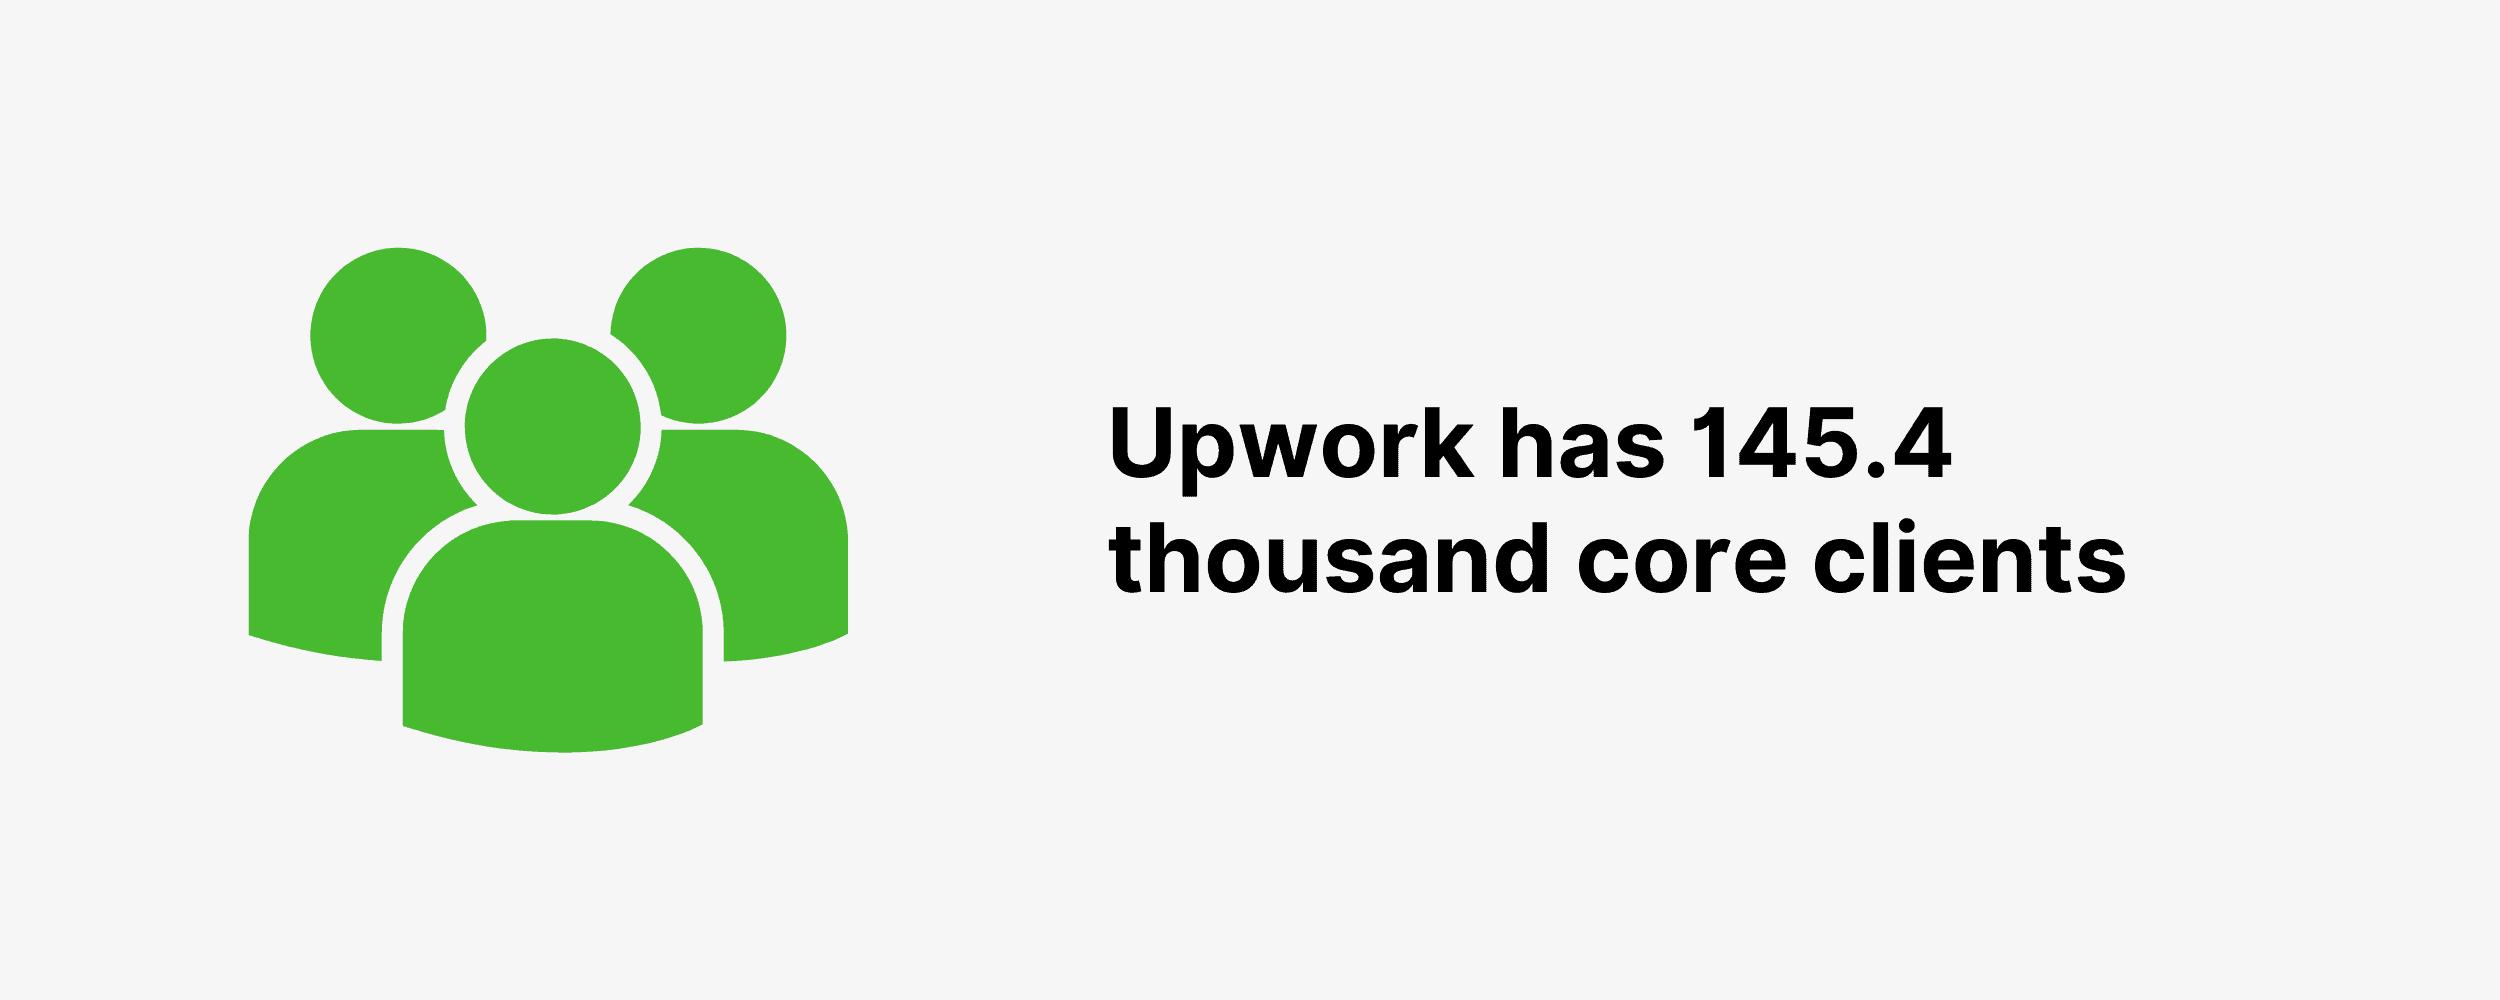 Upwork has 145.4 thousand core clients